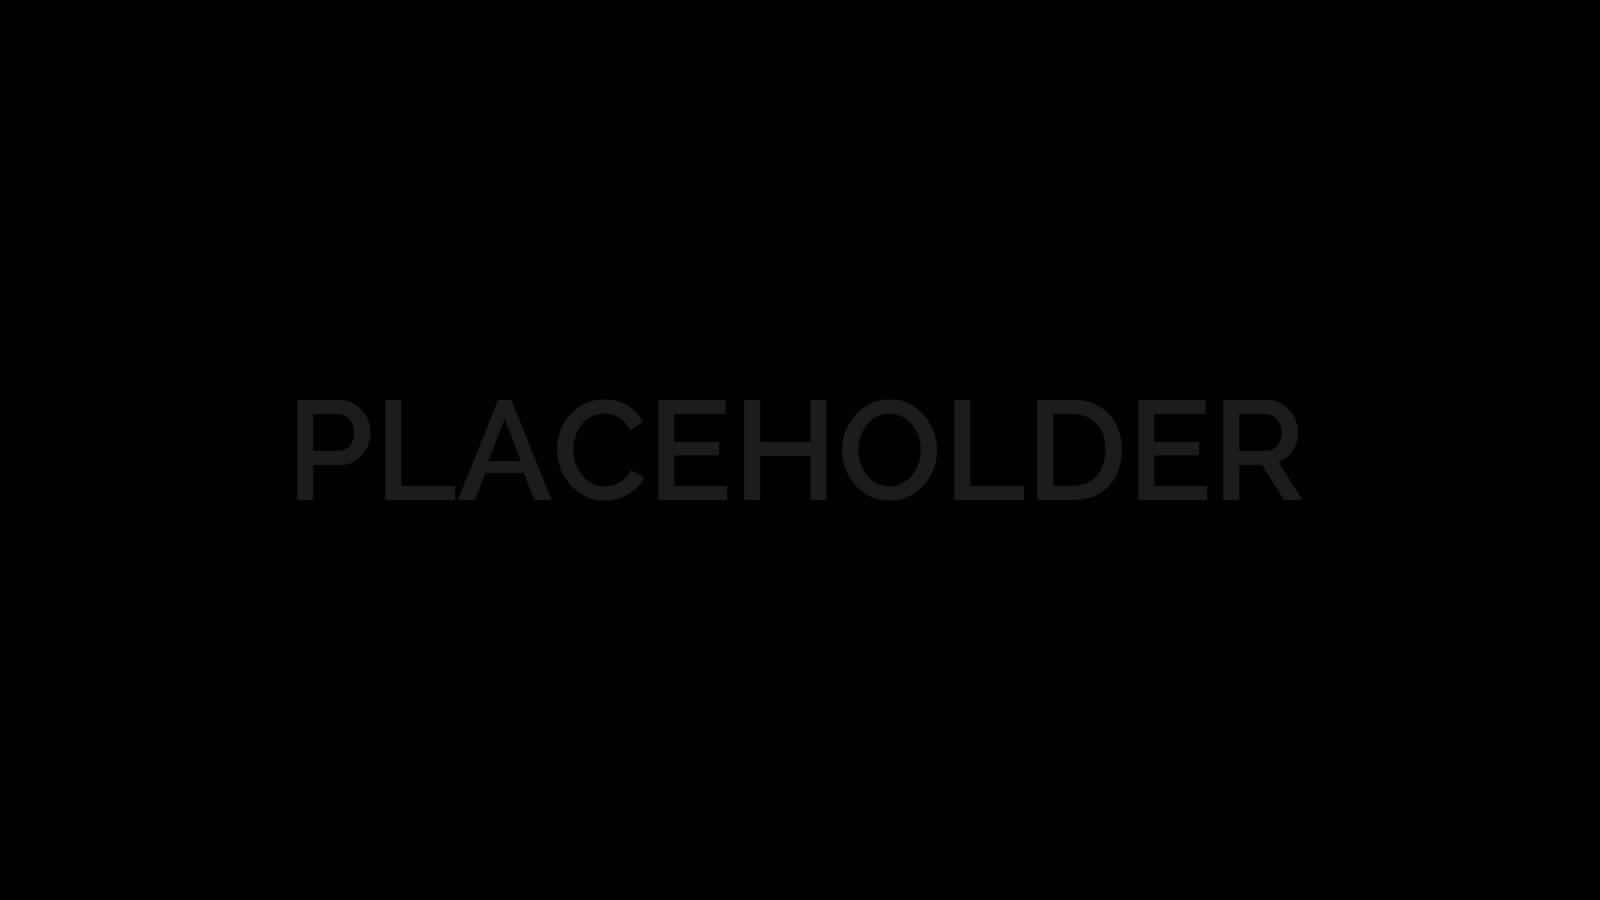 image-placerholder